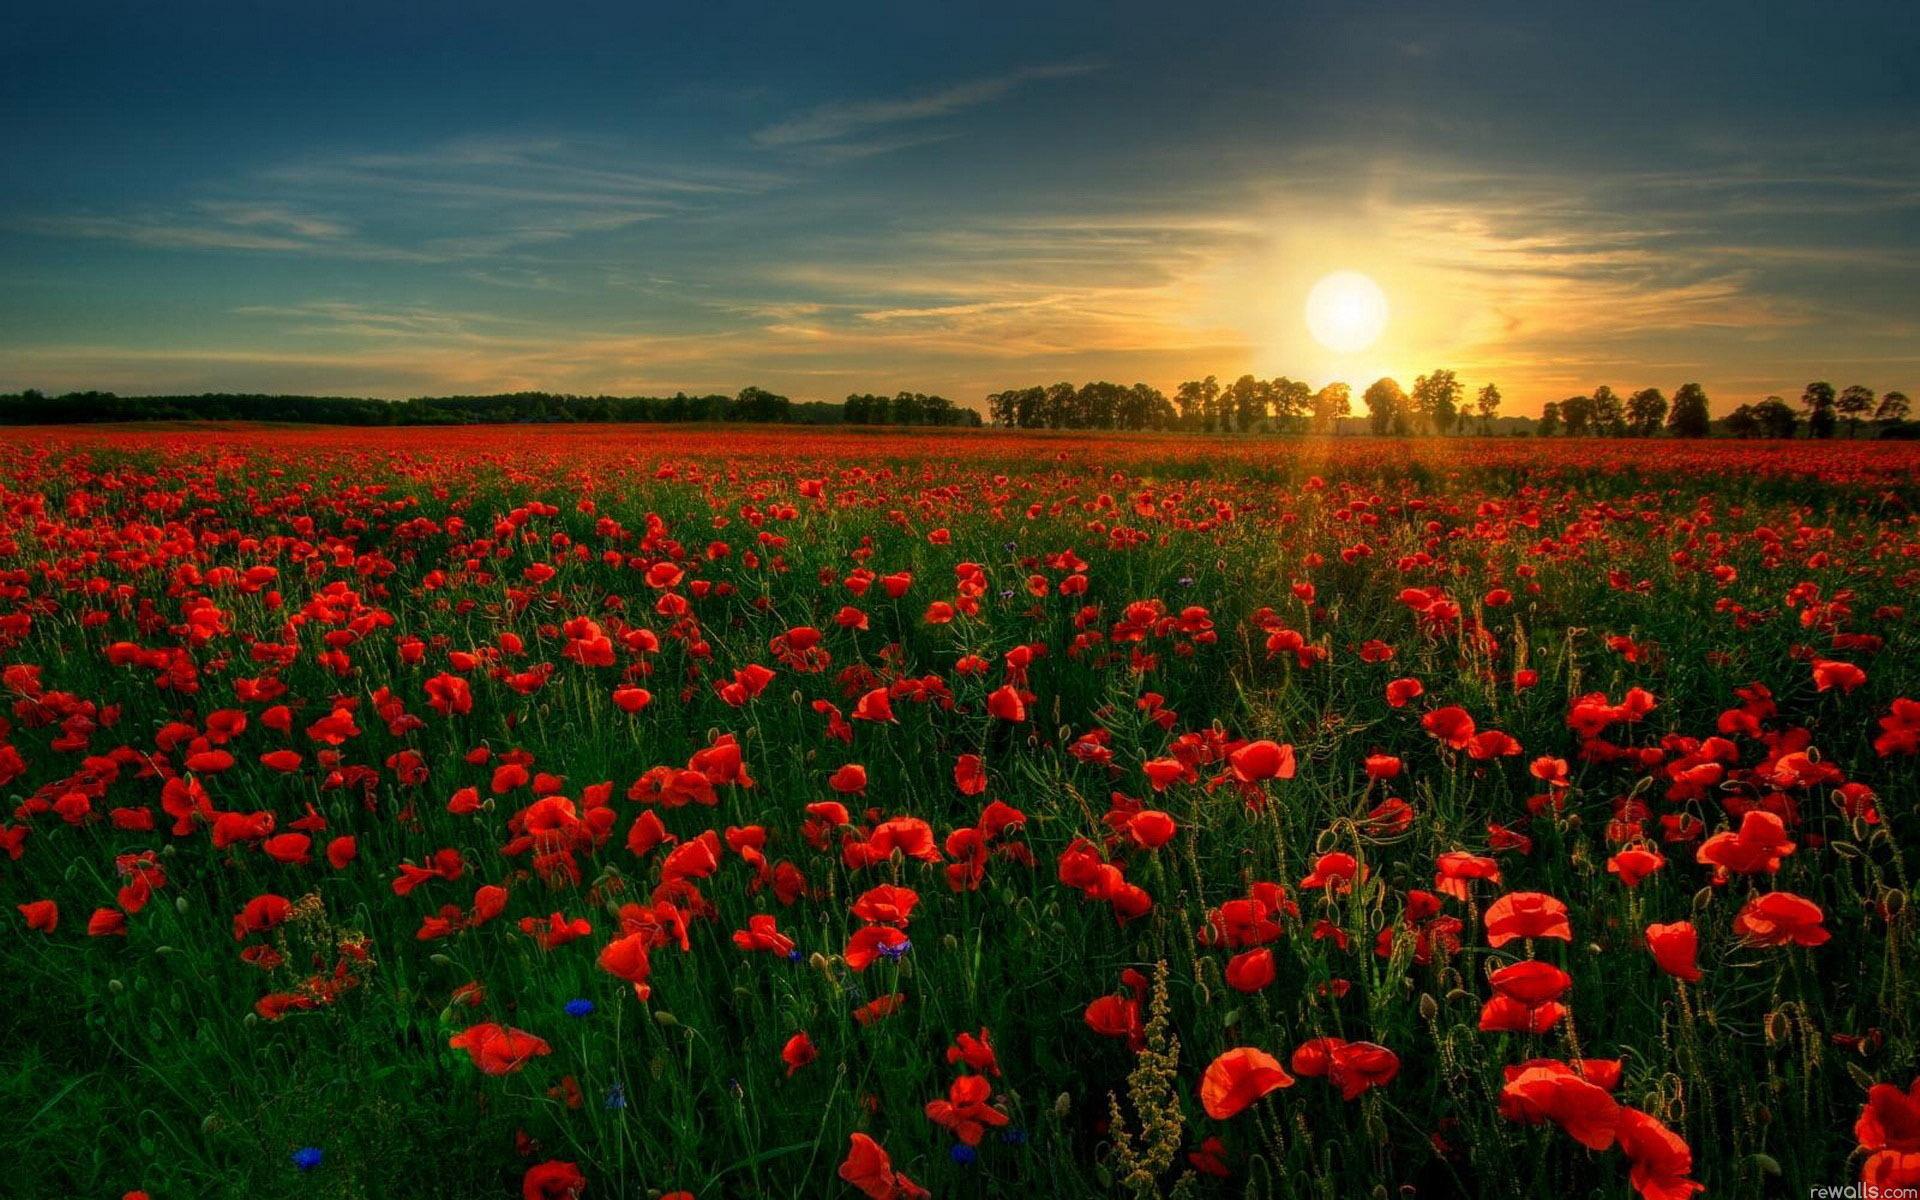 Поле цветов картинки и фотографии - самые красивые и удивительные 5